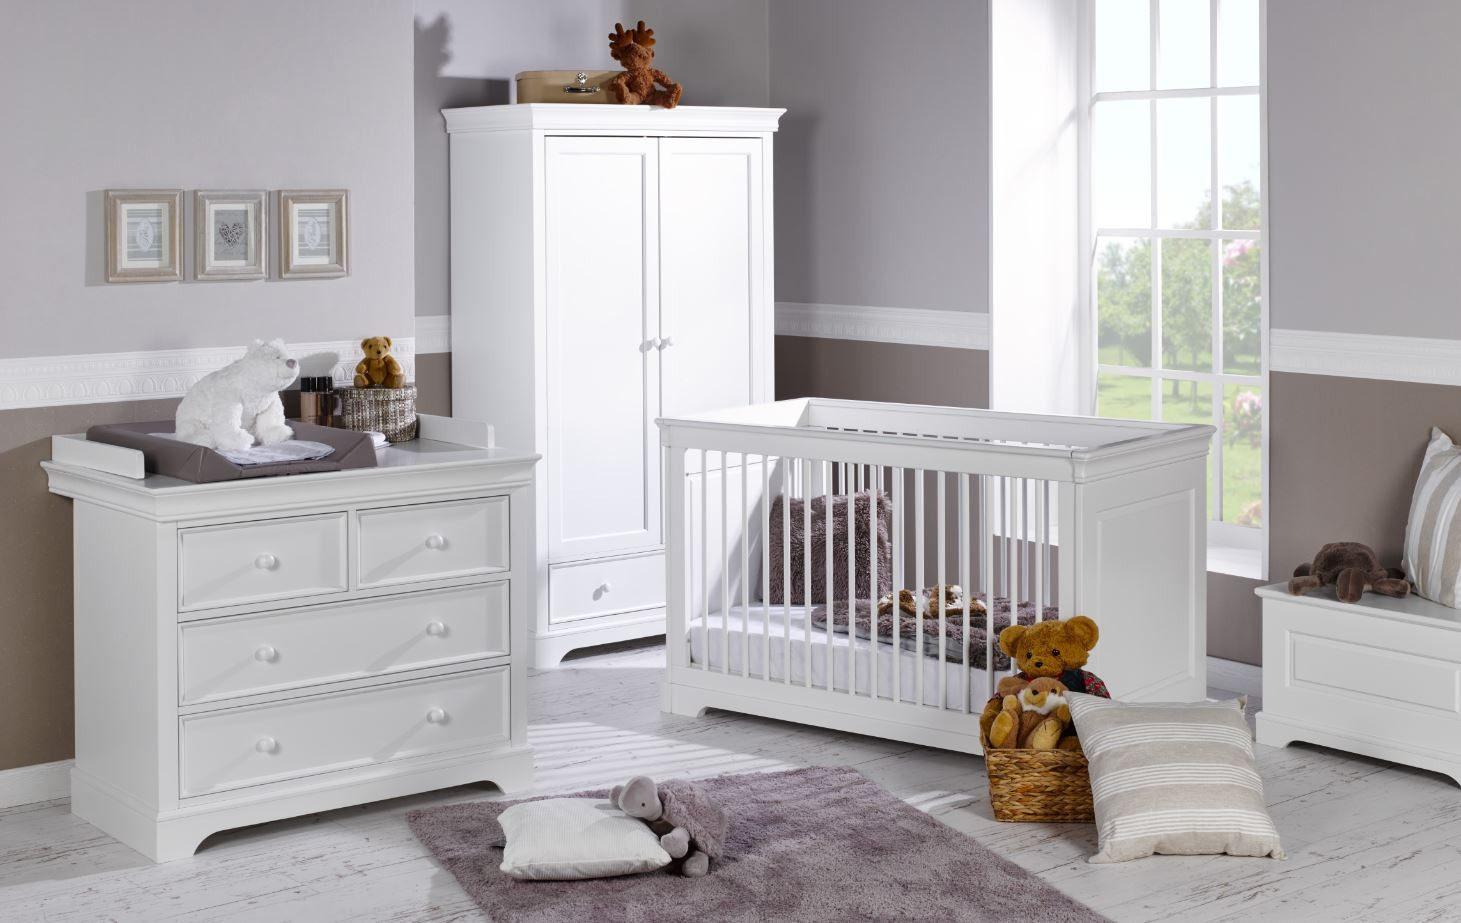 Lit Autour De Bébé Bel Meuble Chambre Bébé Meuble Chambre Bébé Beautiful Mobilier B 32 Ikea